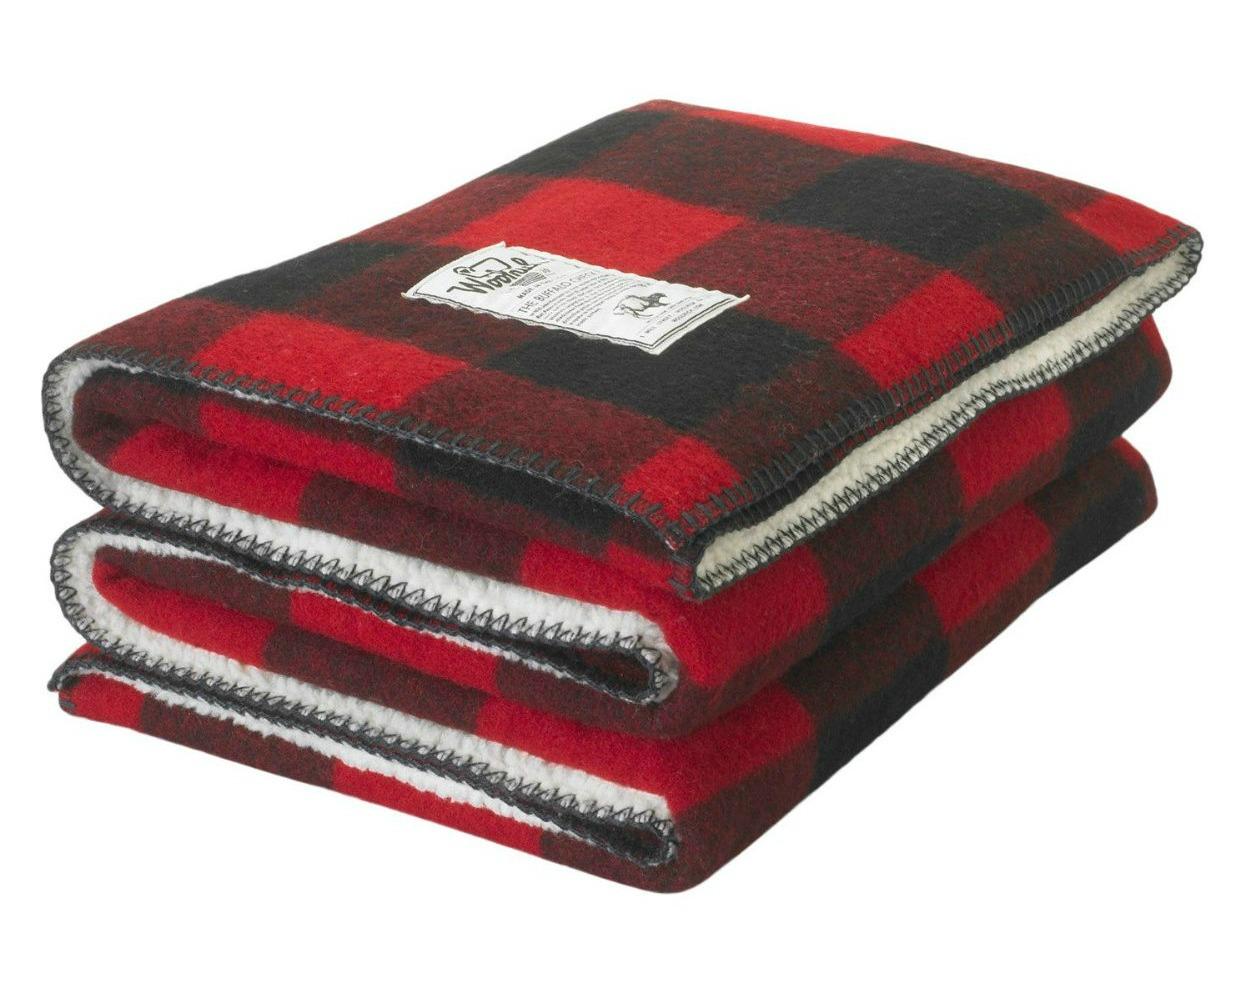 woolrich-sherpa-rough-rider-blanket